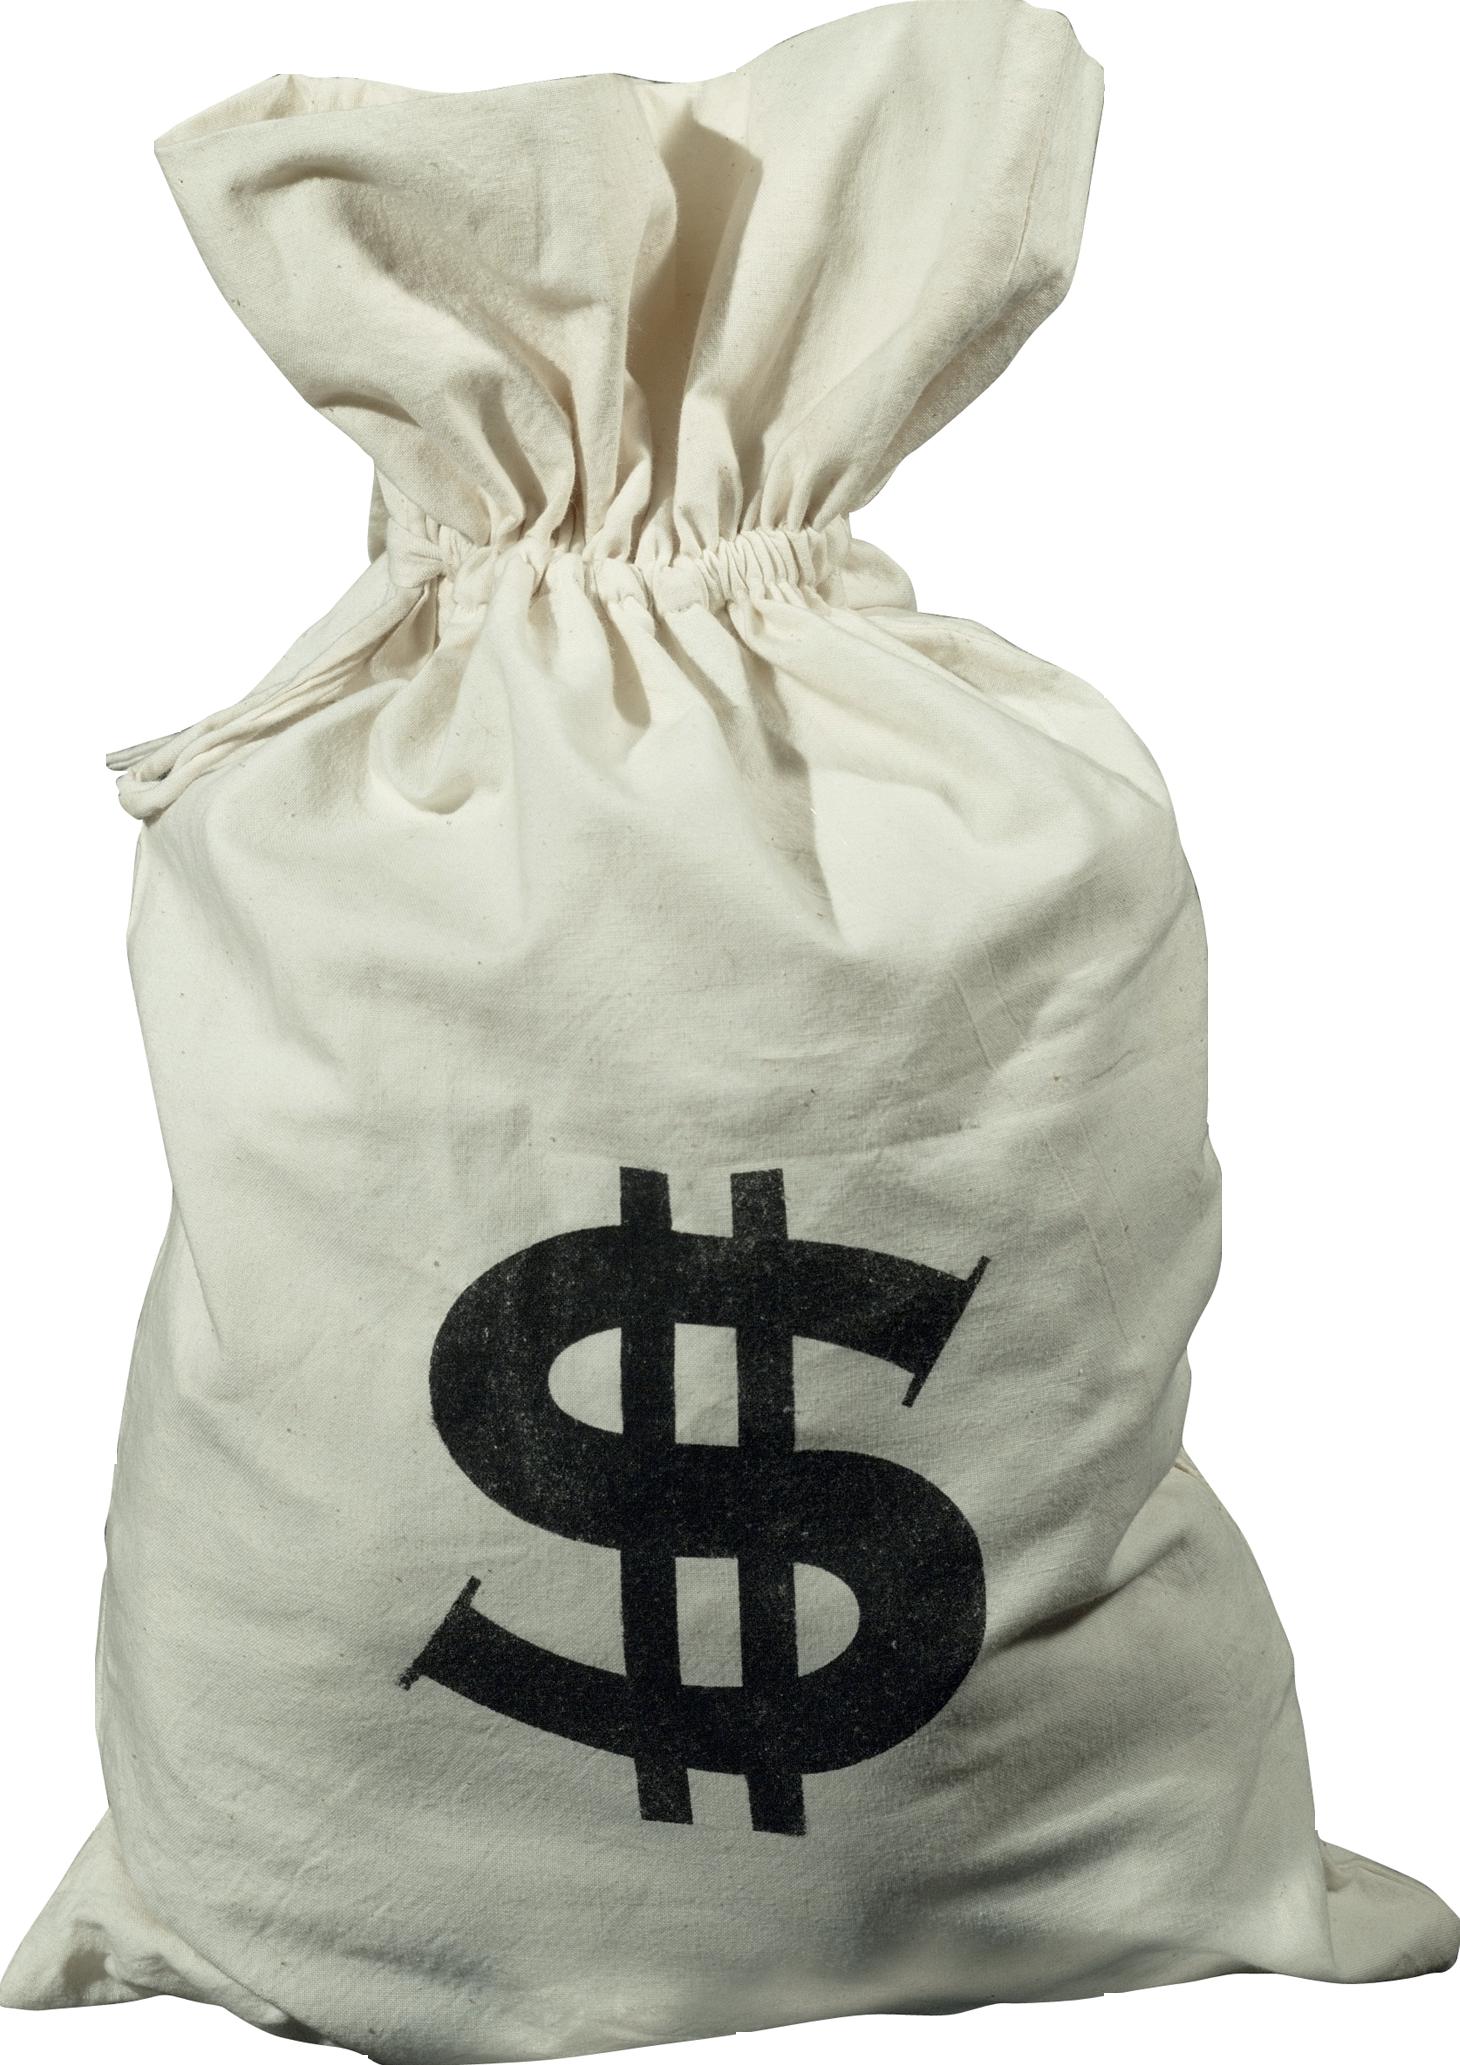 мешок долларов картинка без фона тем